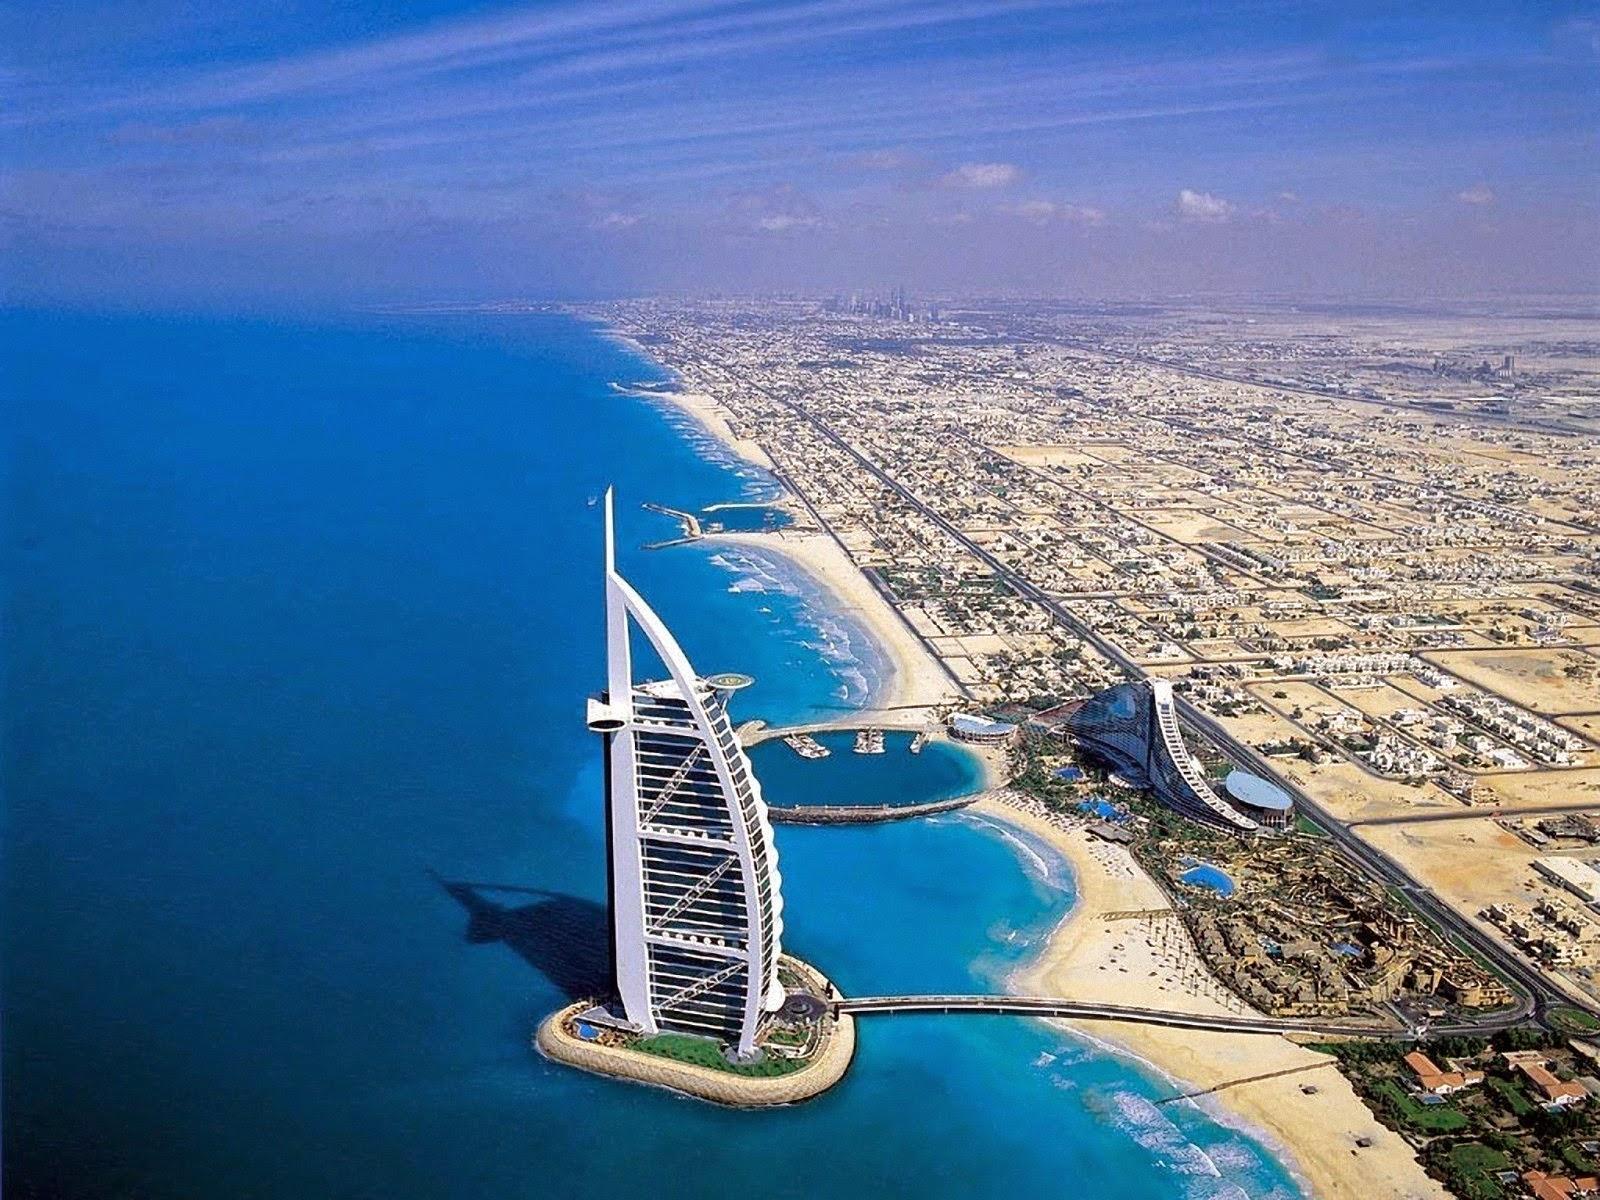 Бурдж аль-Араб - отель в форме паруса, один из самых роскошных в мире.